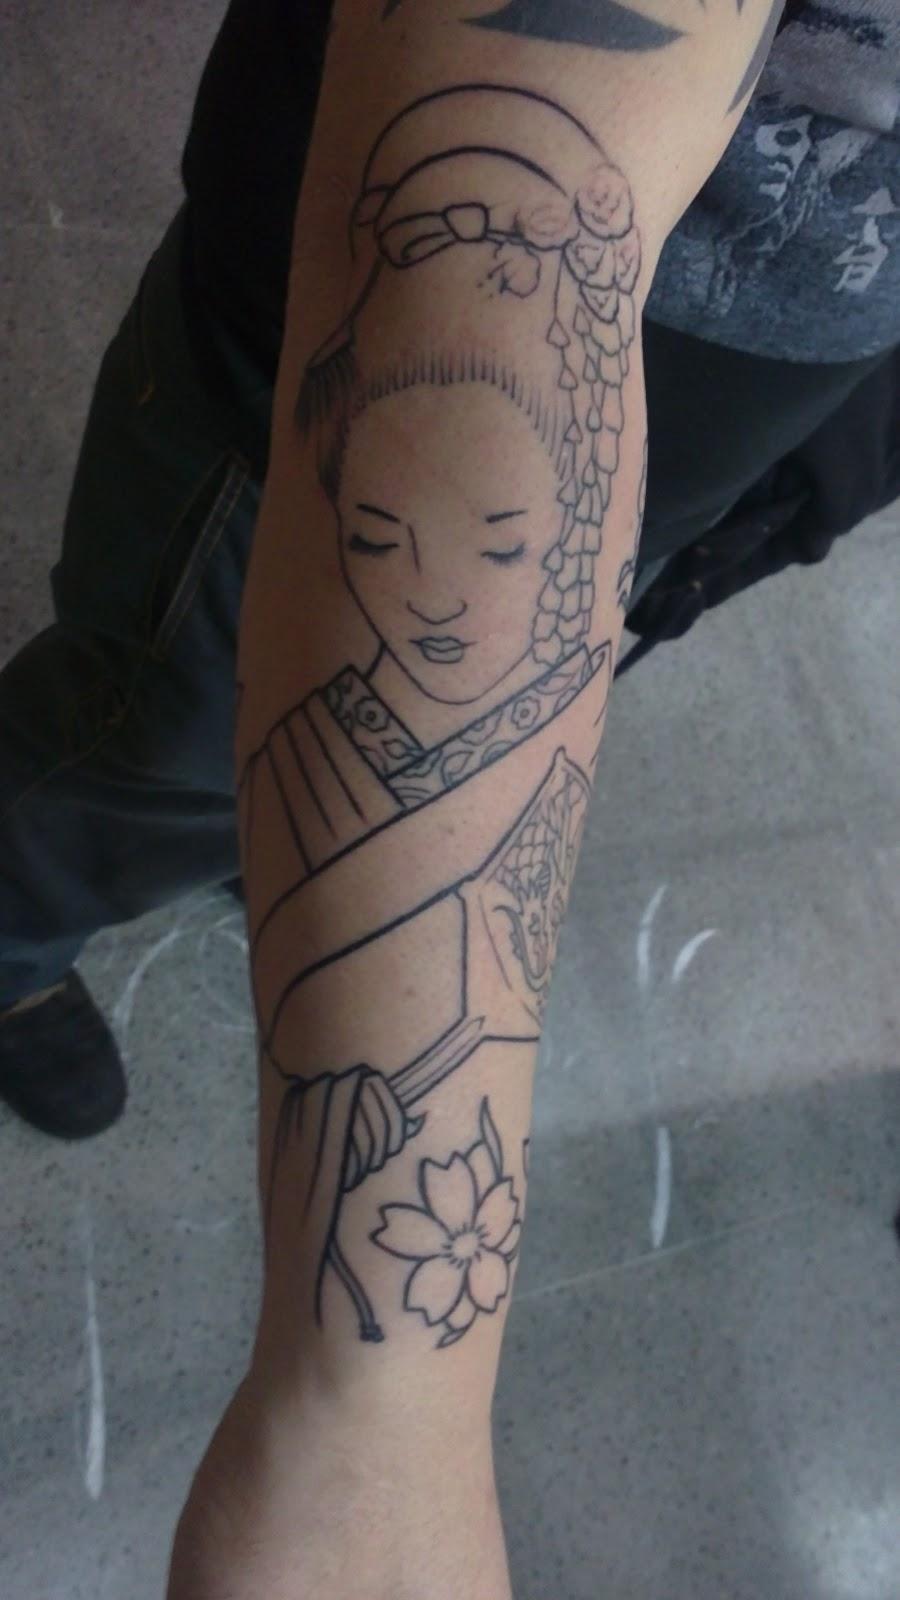 Baleal tattoo tatuagem japonesa de uma gueixa com flores - Tattoos geishas japonesas ...